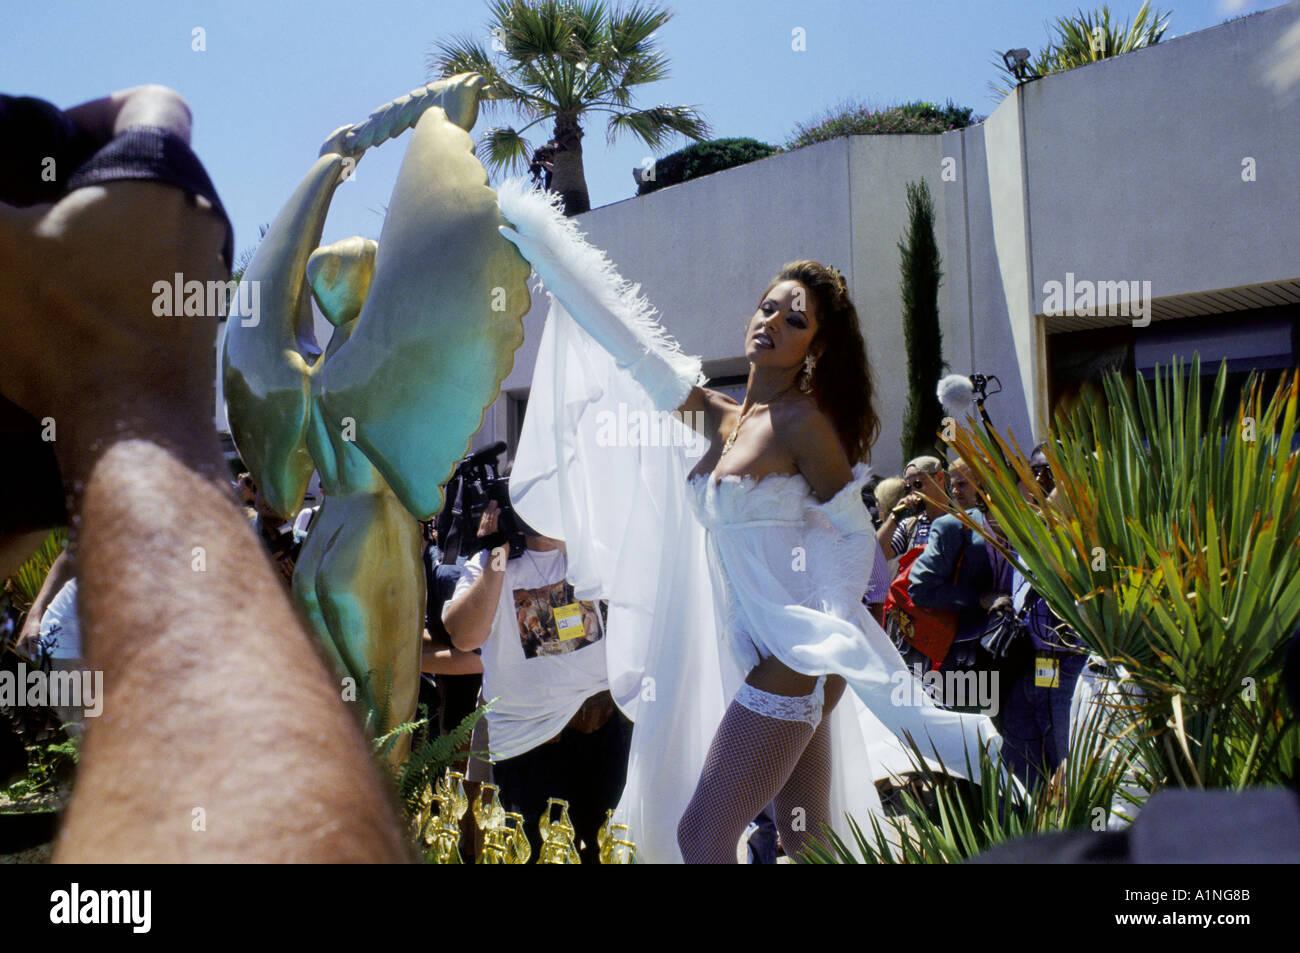 Cannes porno festival šokující sexuální videa